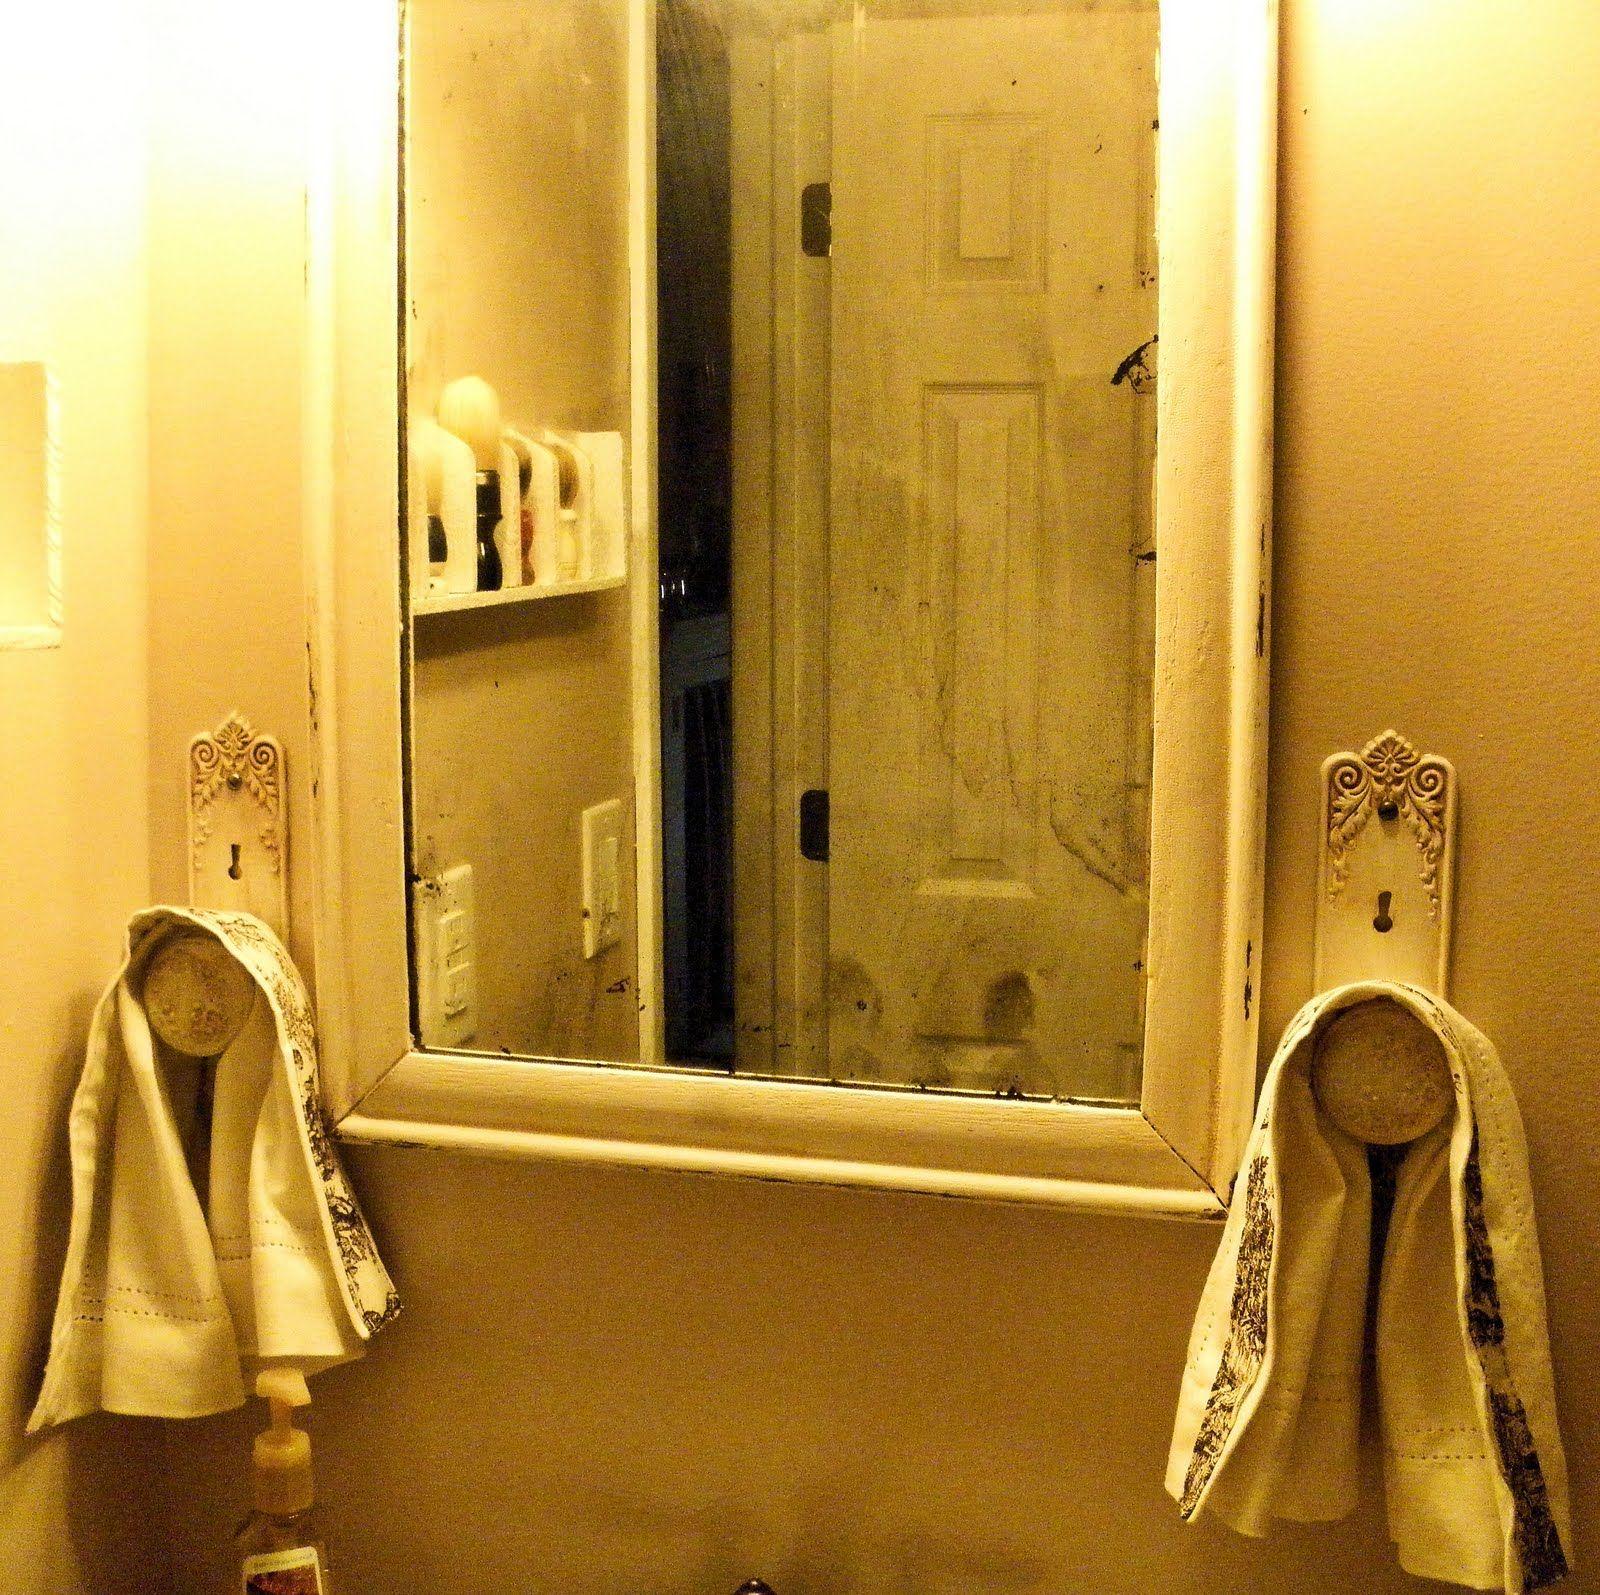 vintage door knobs as towel holders? come on!